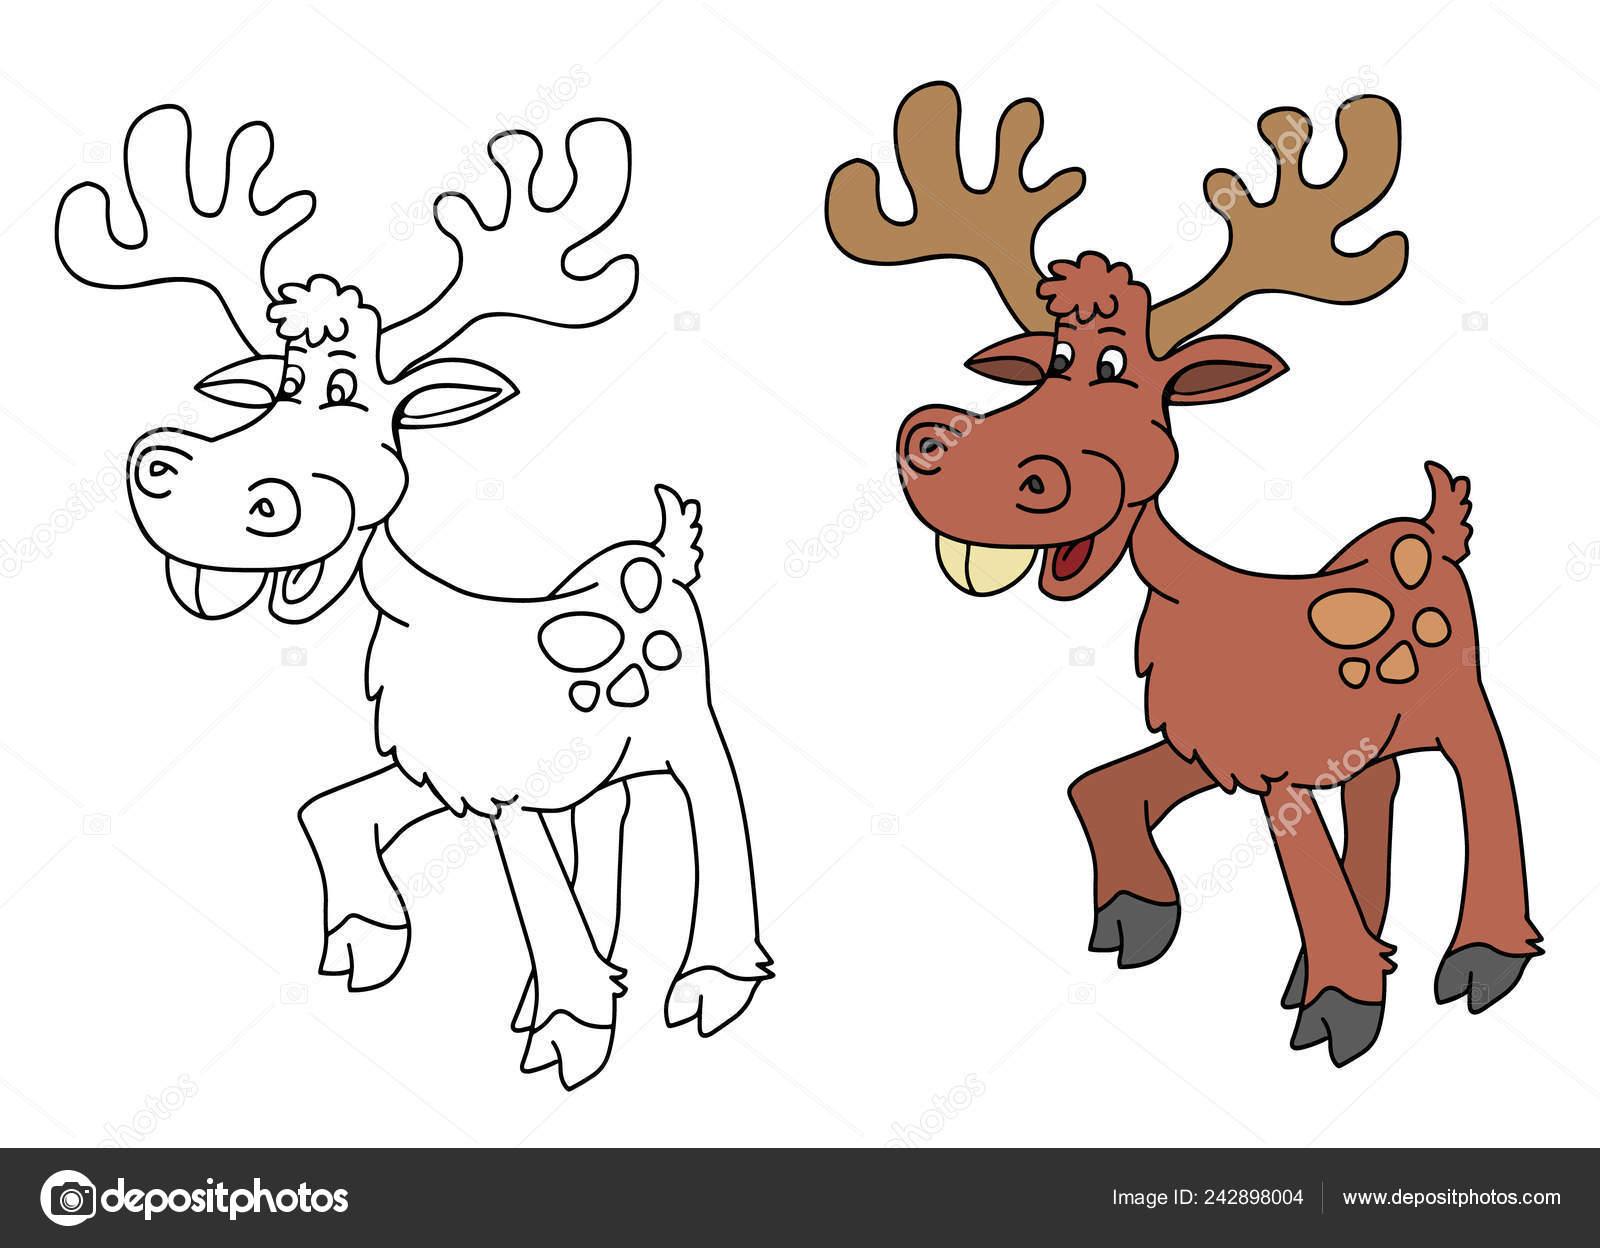 Malvorlagen Für Kinder Mit Lustigen Tieren Hirsch Stockvektor